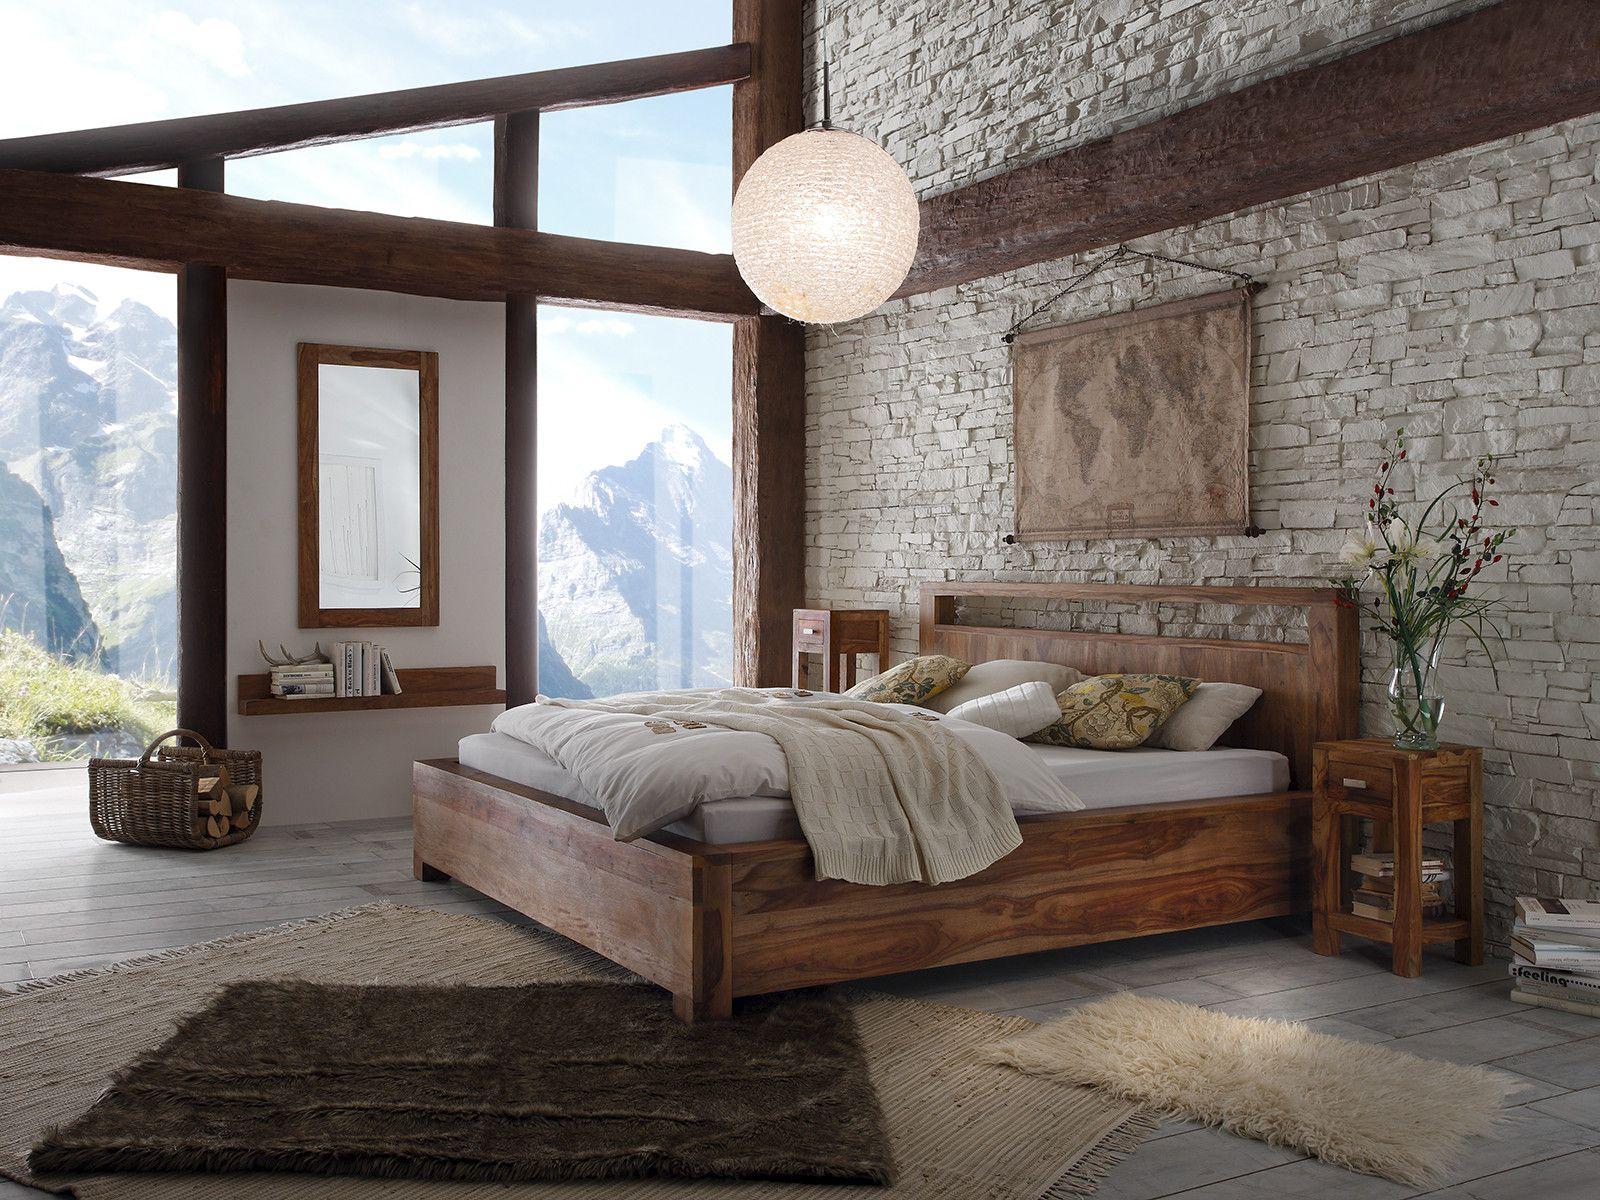 Schlafzimmer Rattan ~ Hemnes bettgestell im schlafzimmer home bedroom